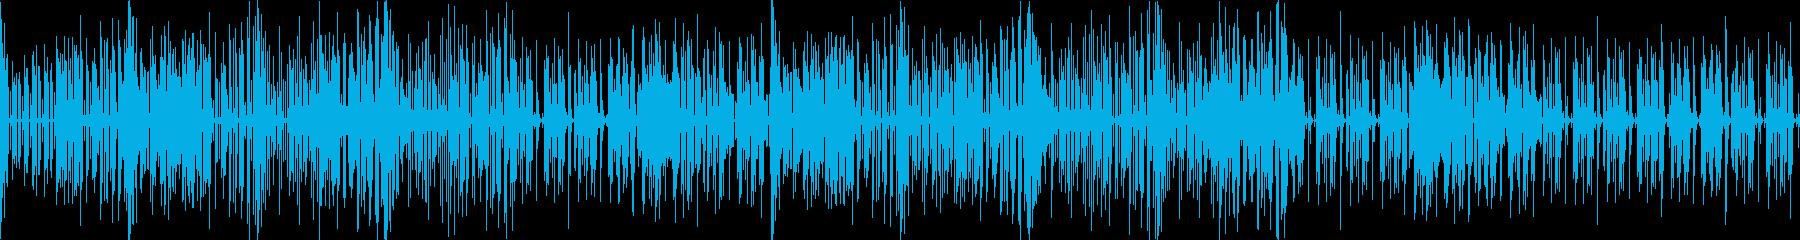 かっこいいリズムでおしゃれなメロディーの再生済みの波形